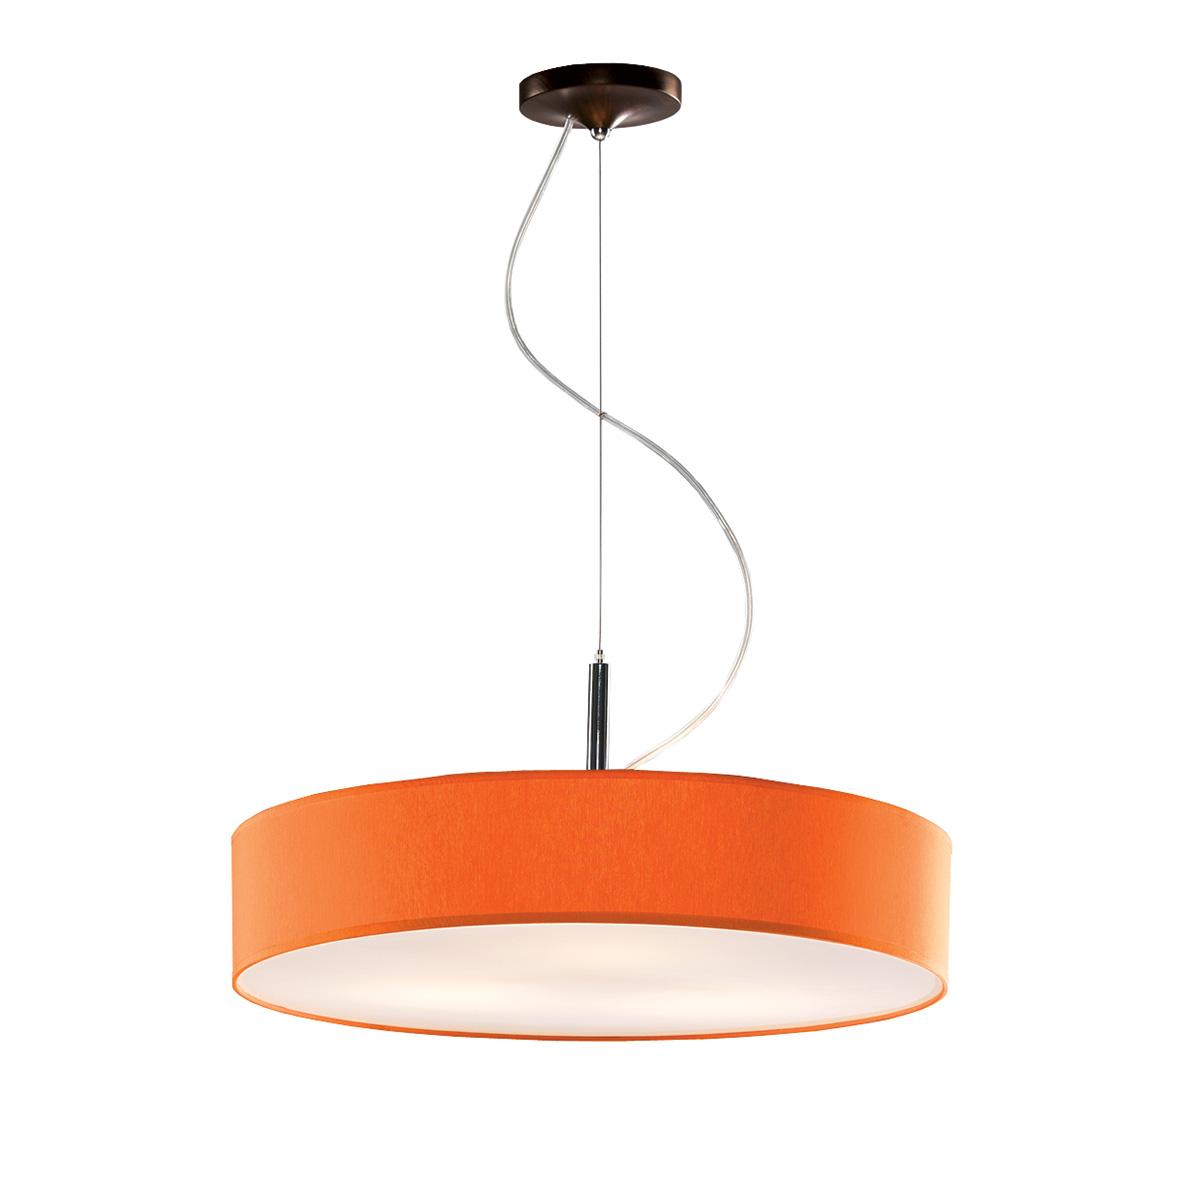 Κρεμαστό πορτοκαλί μονόφωτο DISCO ZEN hanging lamp with orange shade